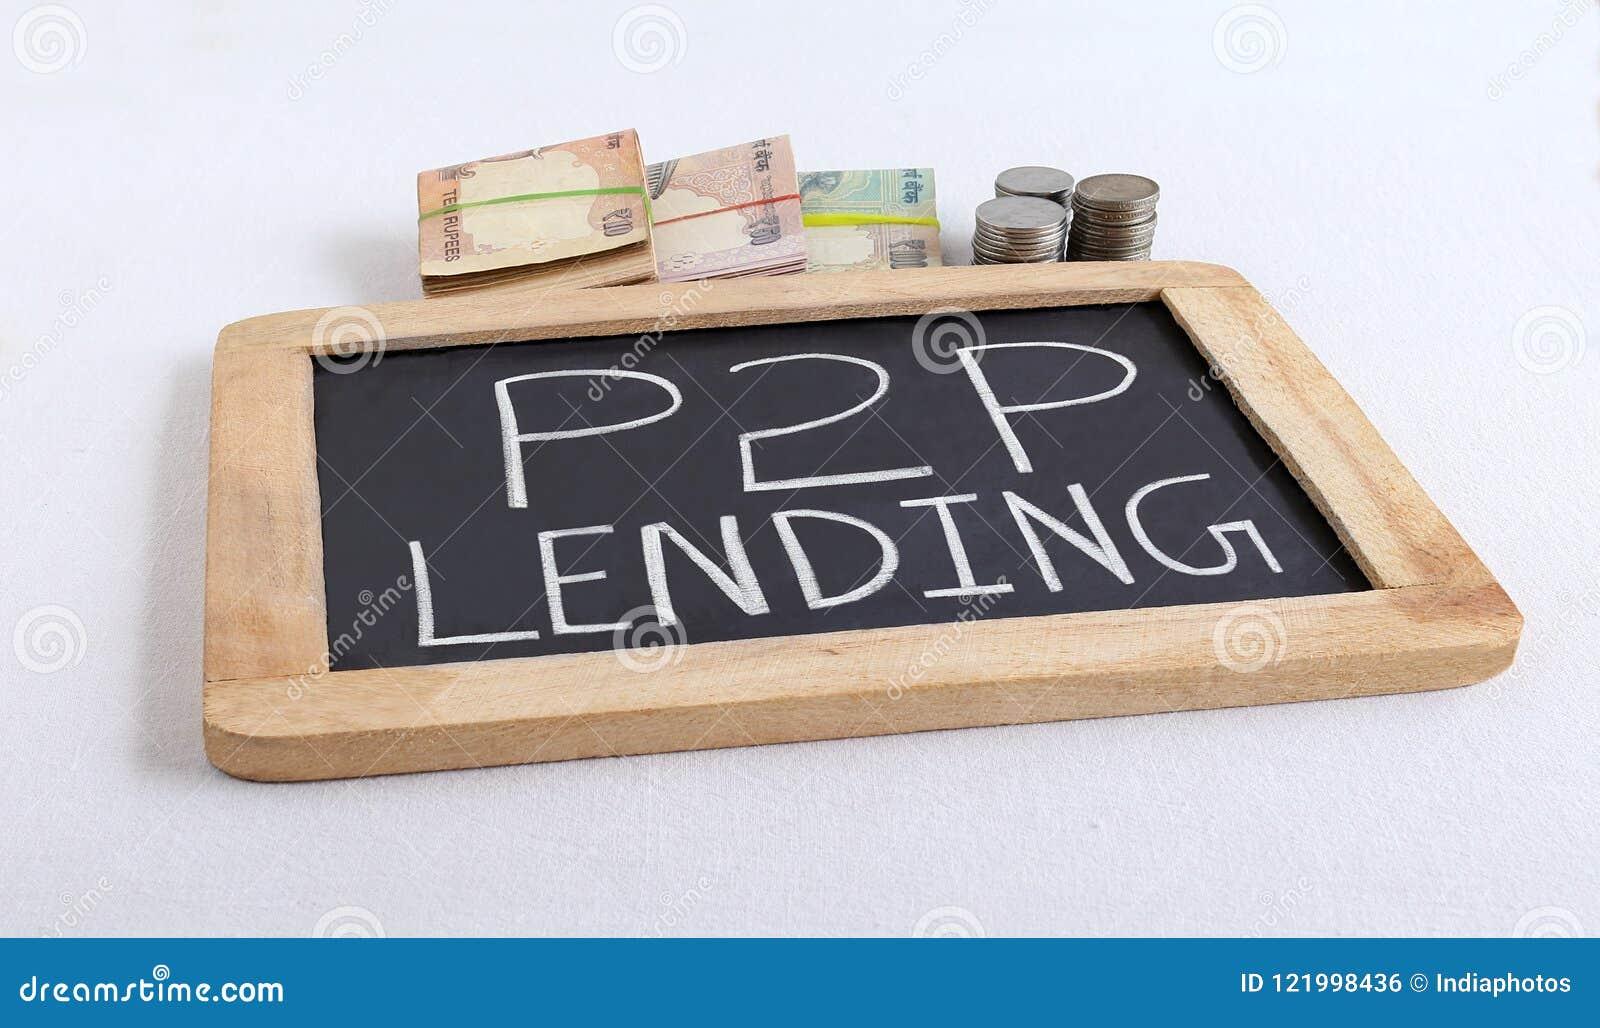 P2p-utlåningbegreppet markerade till och med handskriven text på den svart tavlan